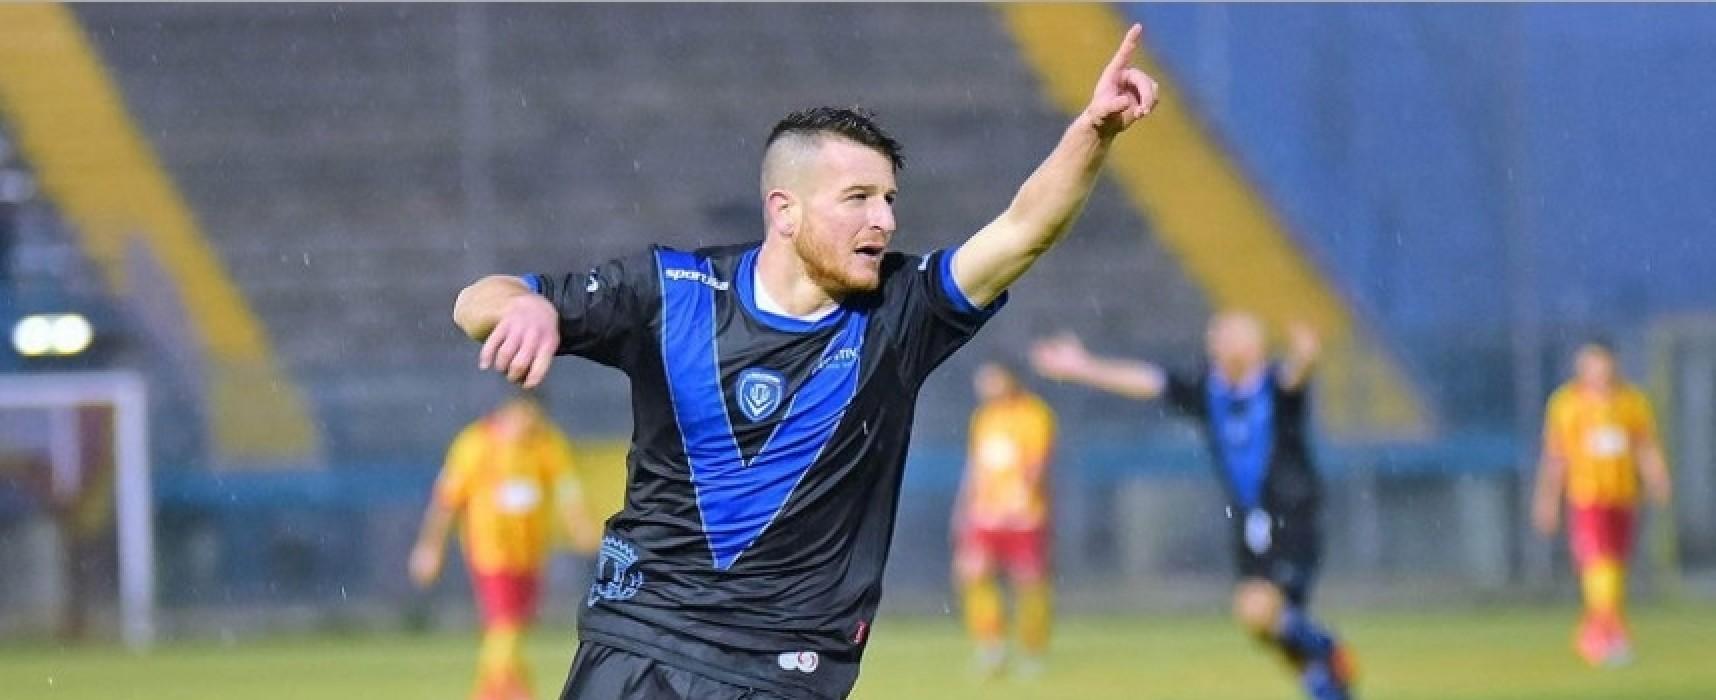 Bisceglie Calcio, che impresa: a Potenza vince 2-1